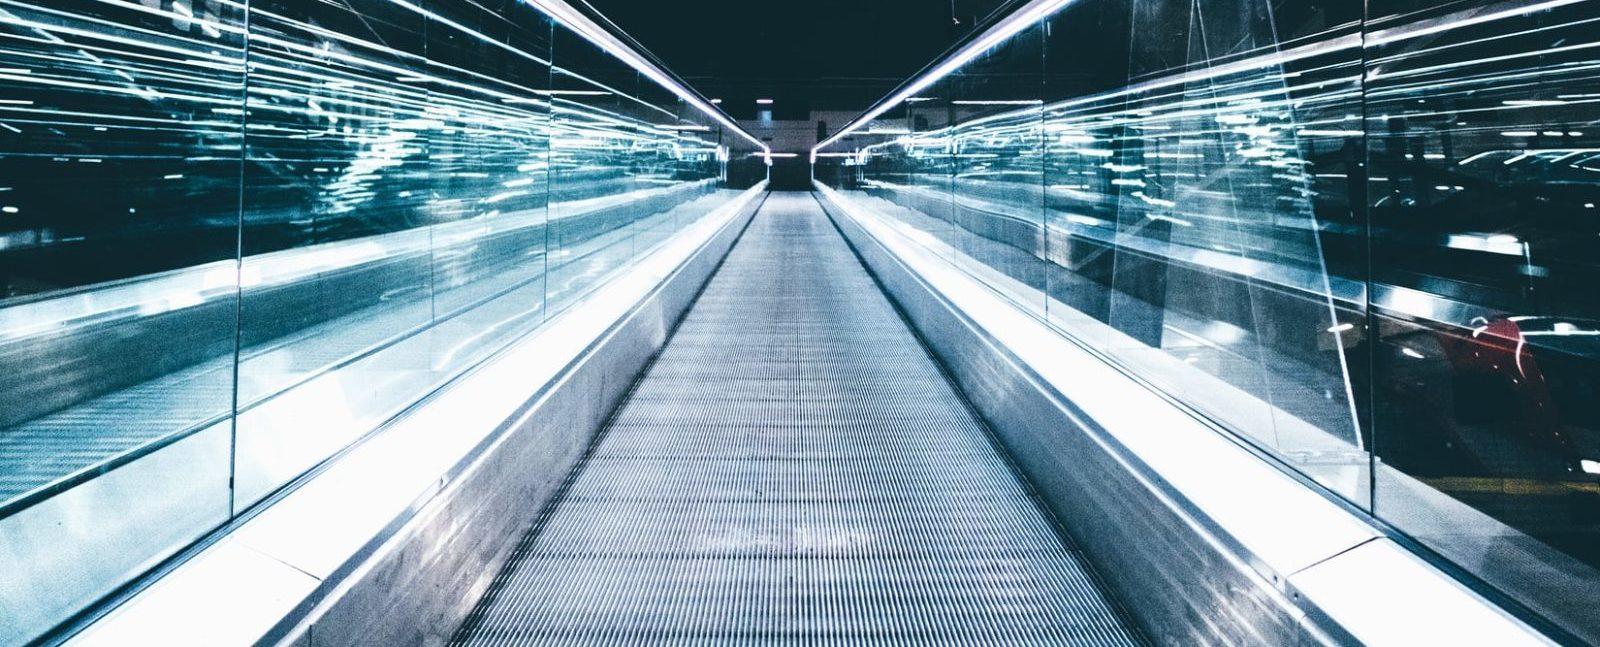 Propriété intellectuelle et nouvelles technologies